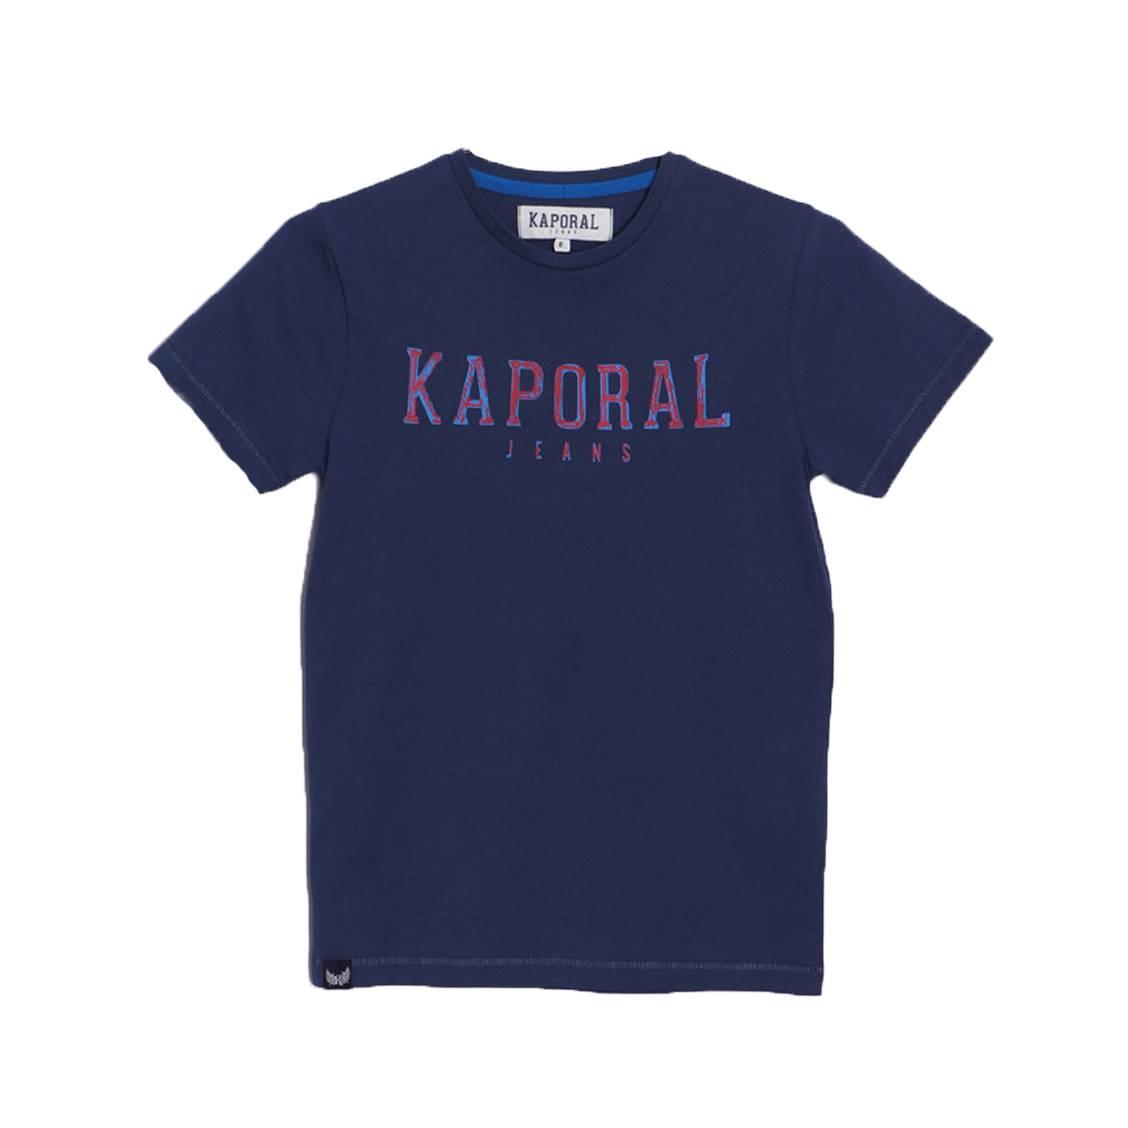 Tee-shirt col rond  arona en coton bleu marine floqué